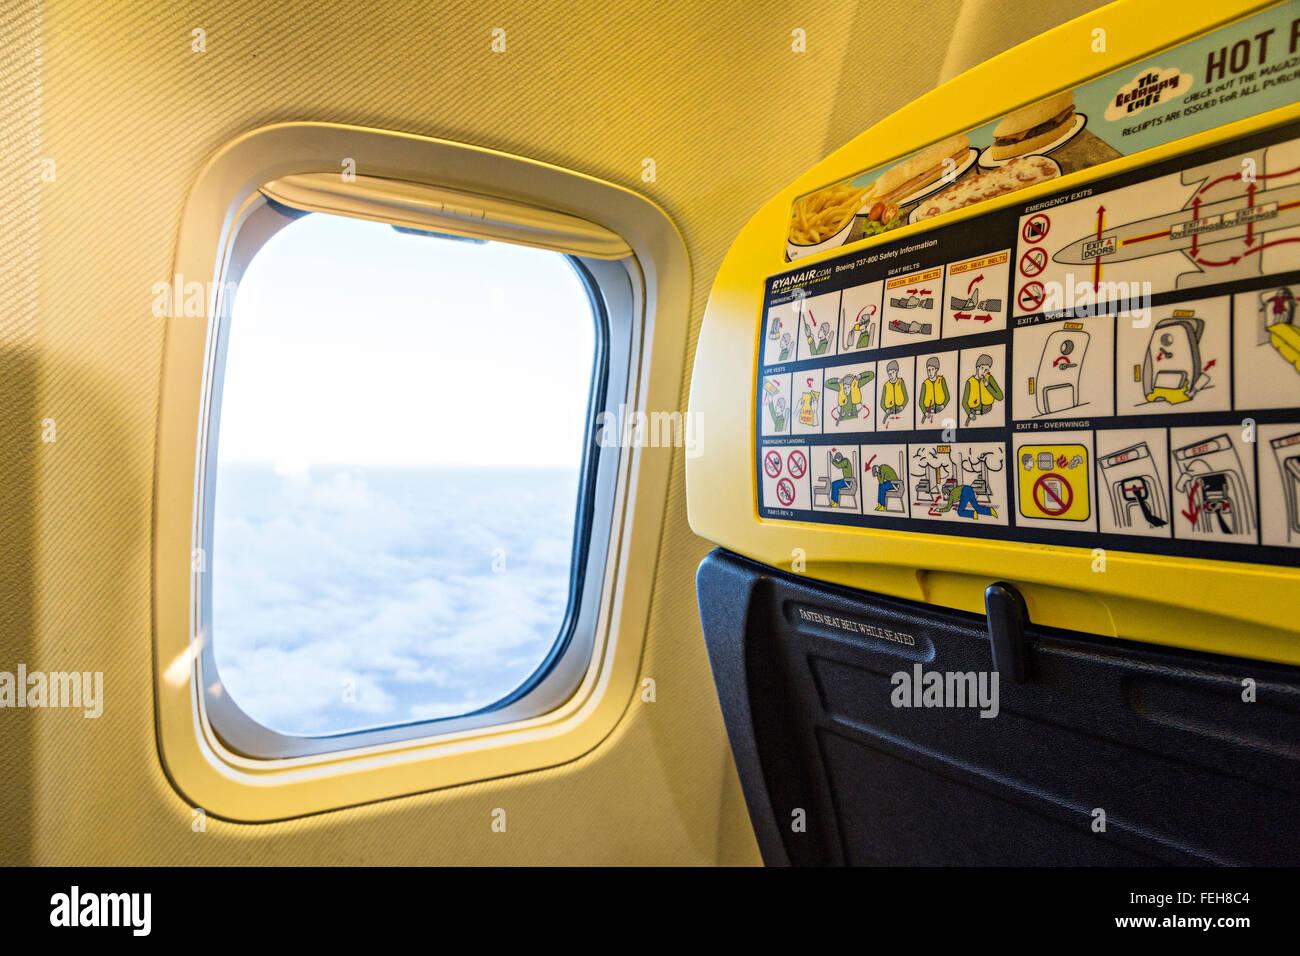 Istruzioni per la sicurezza su una sedia torna Ryanair in cabina durante il volo, REGNO UNITO Immagini Stock